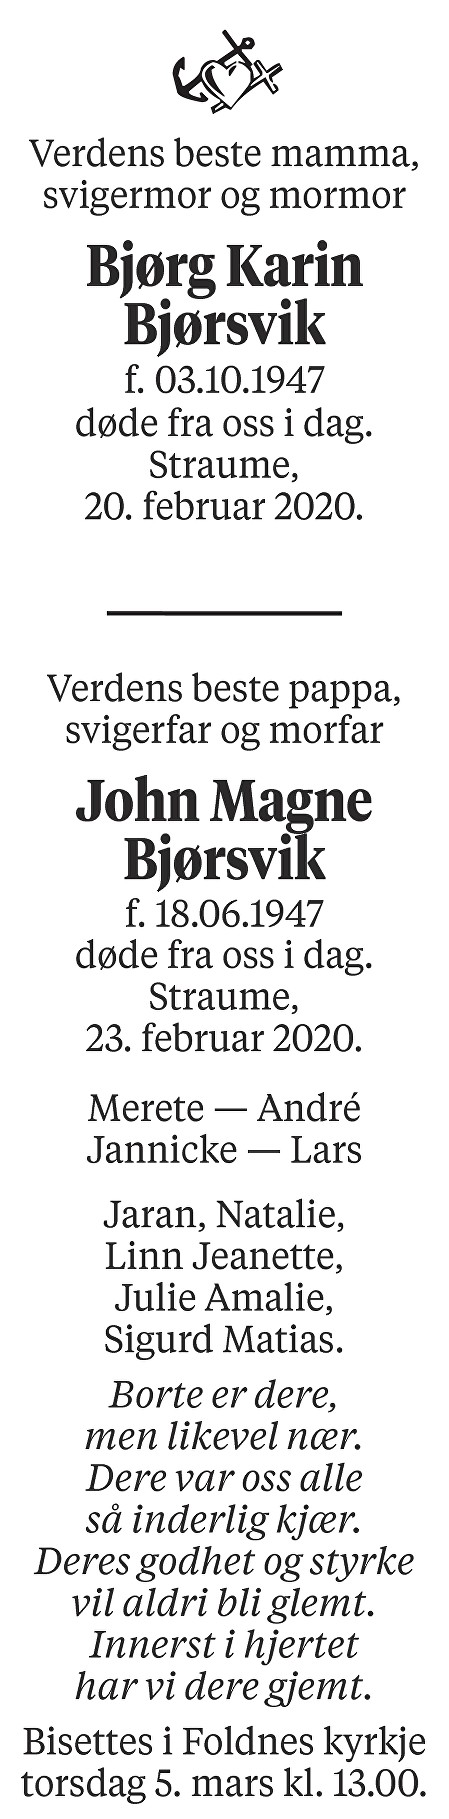 Bjørg Karin og John Magne Bjørsvik Dødsannonse